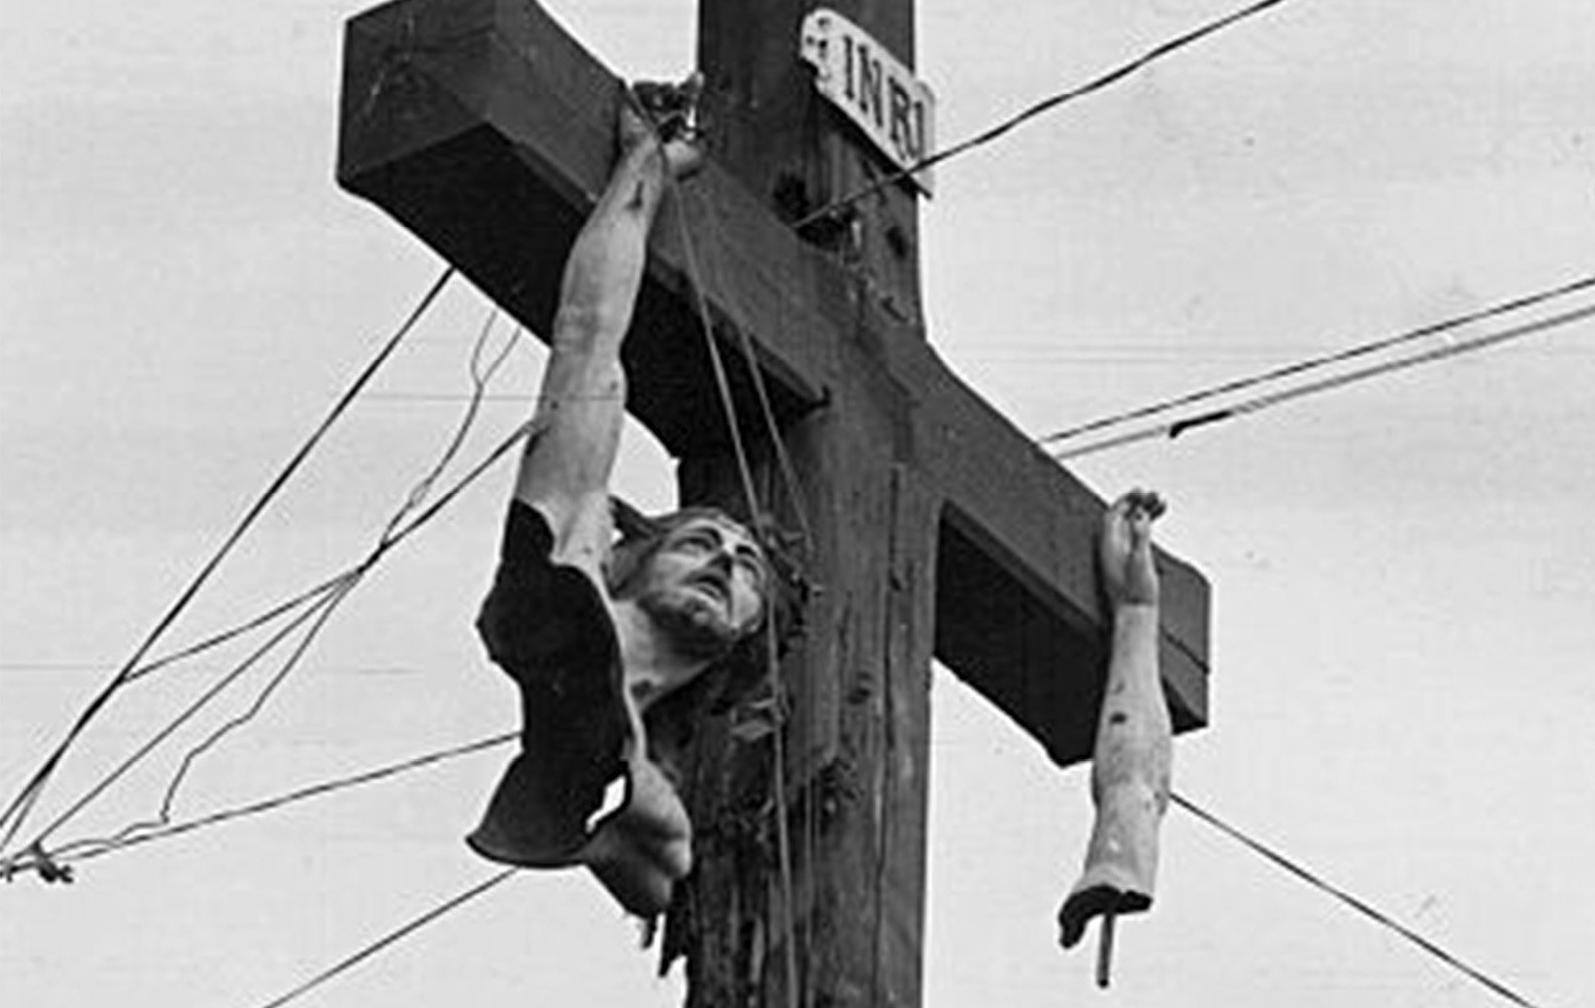 Diocèses en guerre (1914-1918) : L'Église déchirée entre Gott mit uns et le Dieu des armées